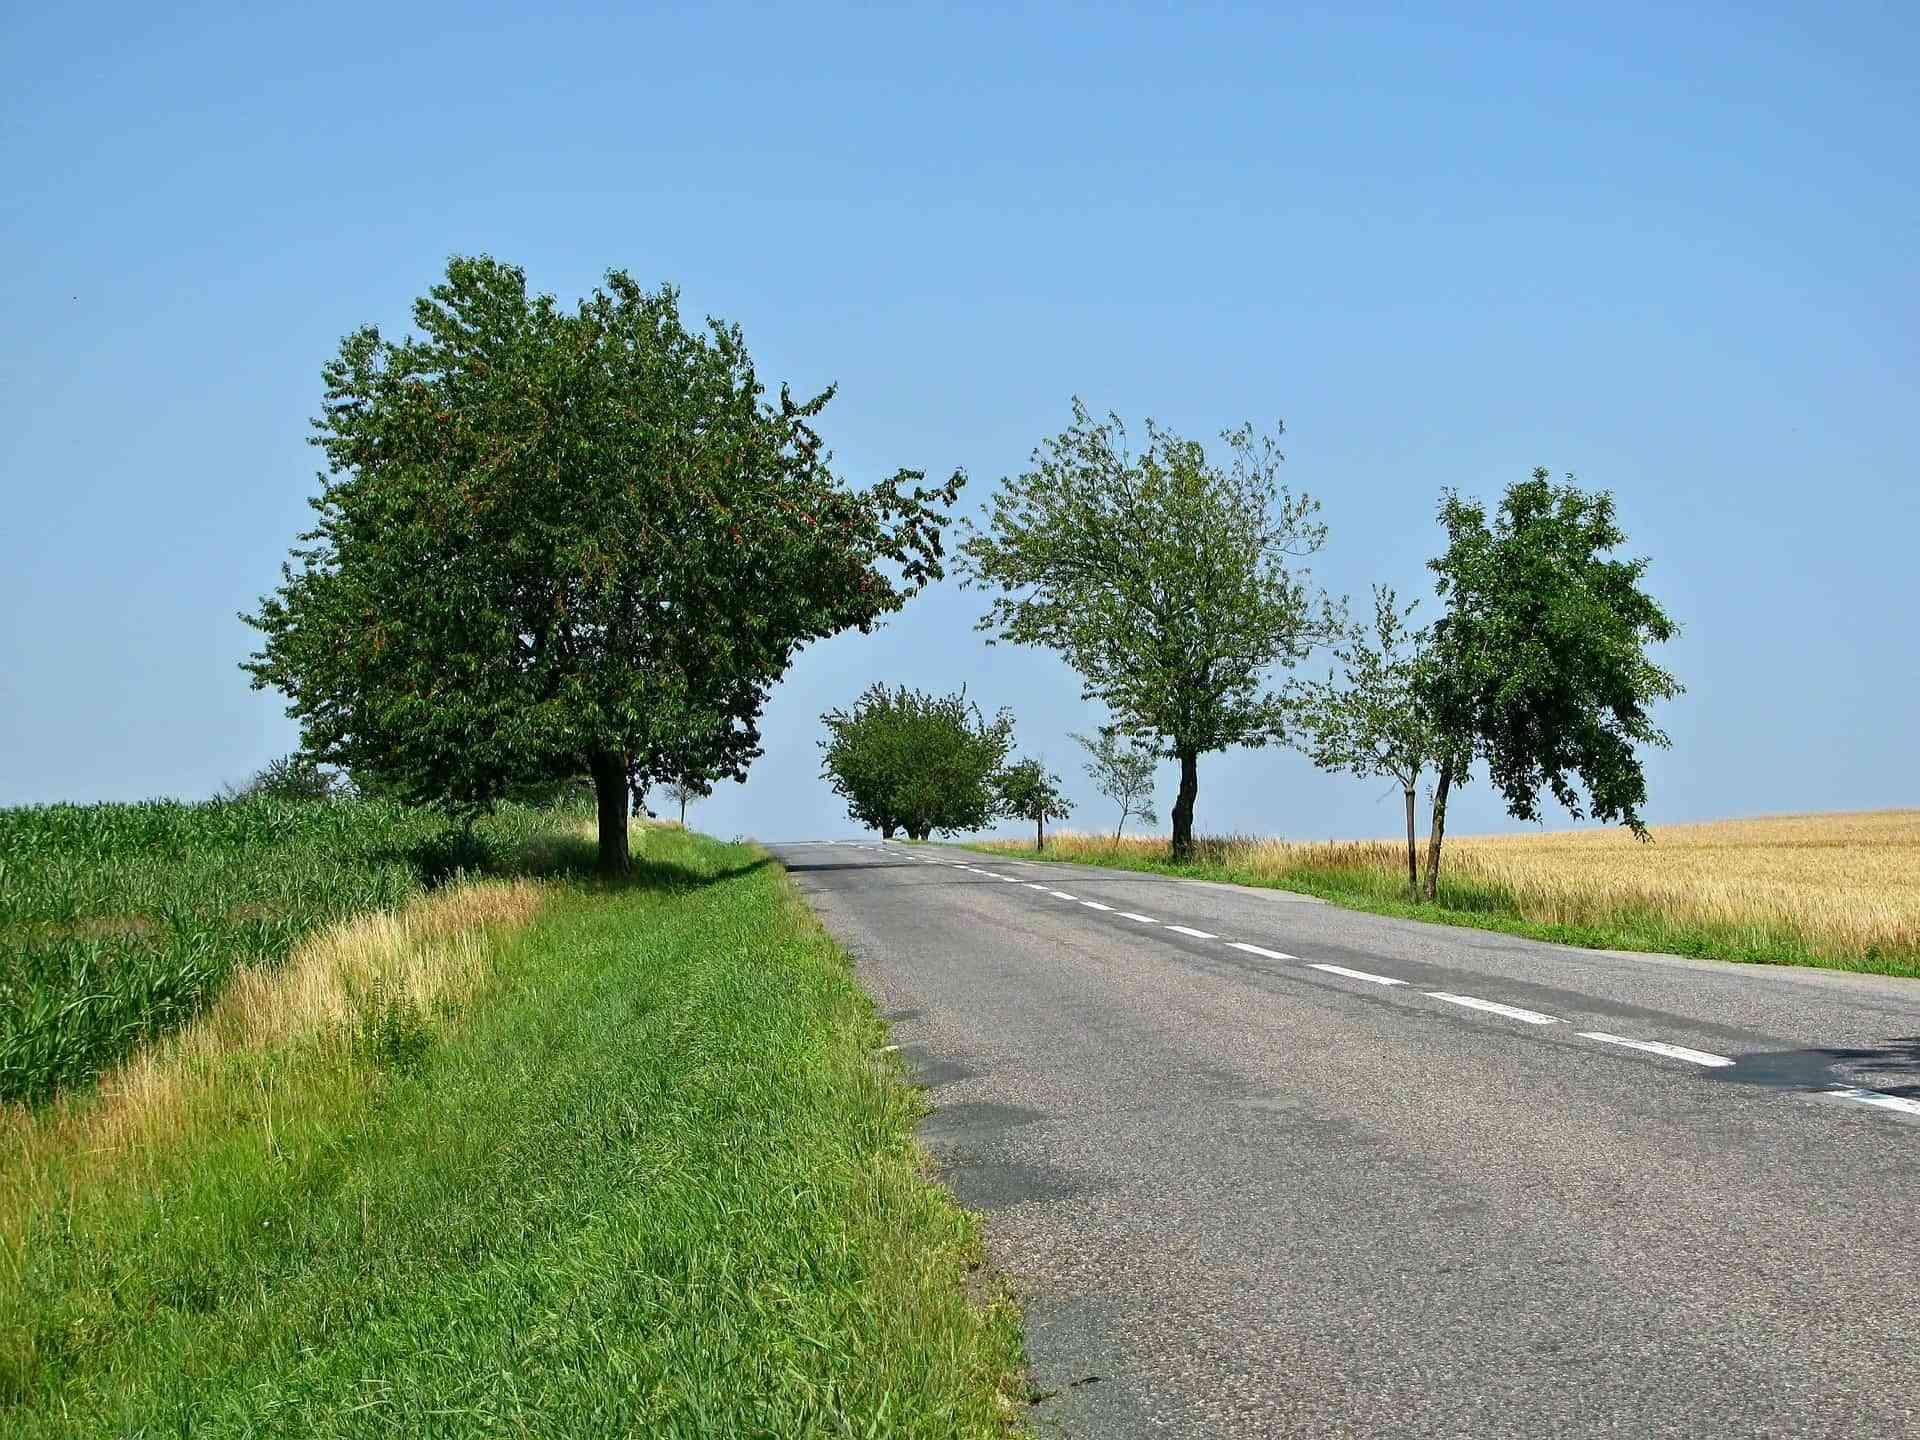 Consejos a la hora de conducir por carreteras secundarias 3